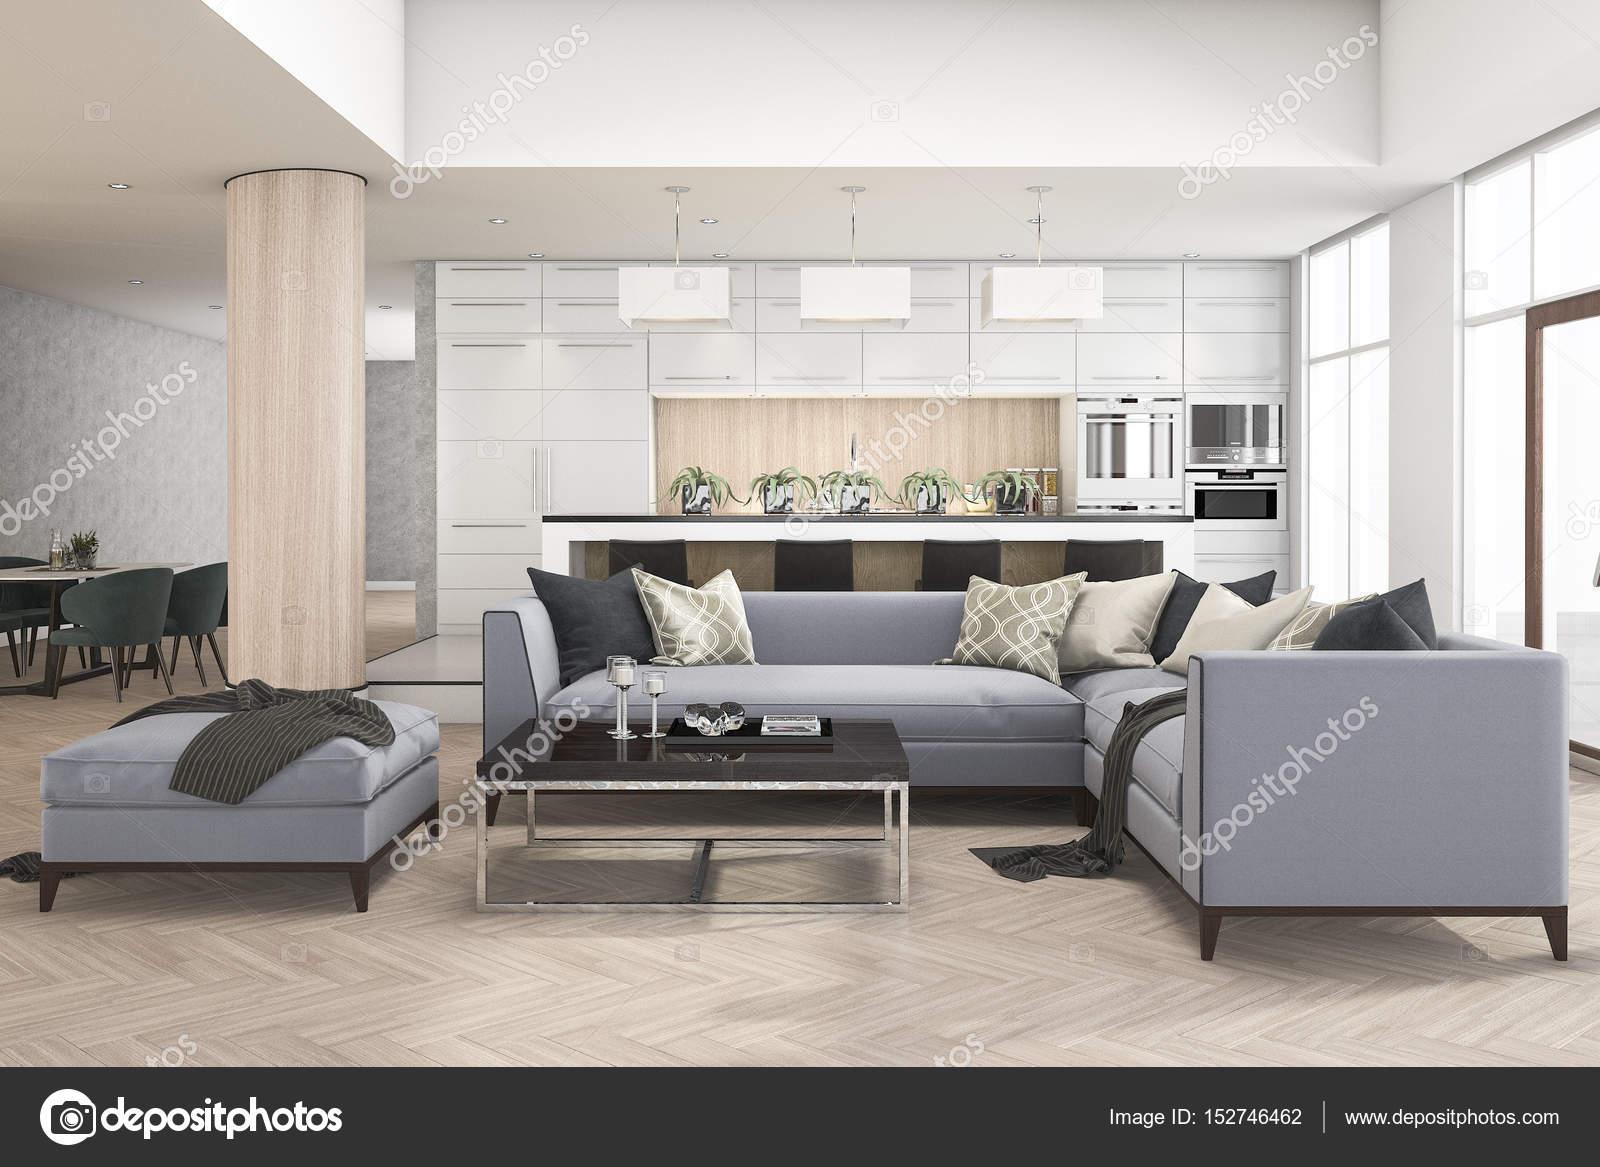 Slaapbank in de woonkamer in de buurt van keukenbar en barkruk 3d